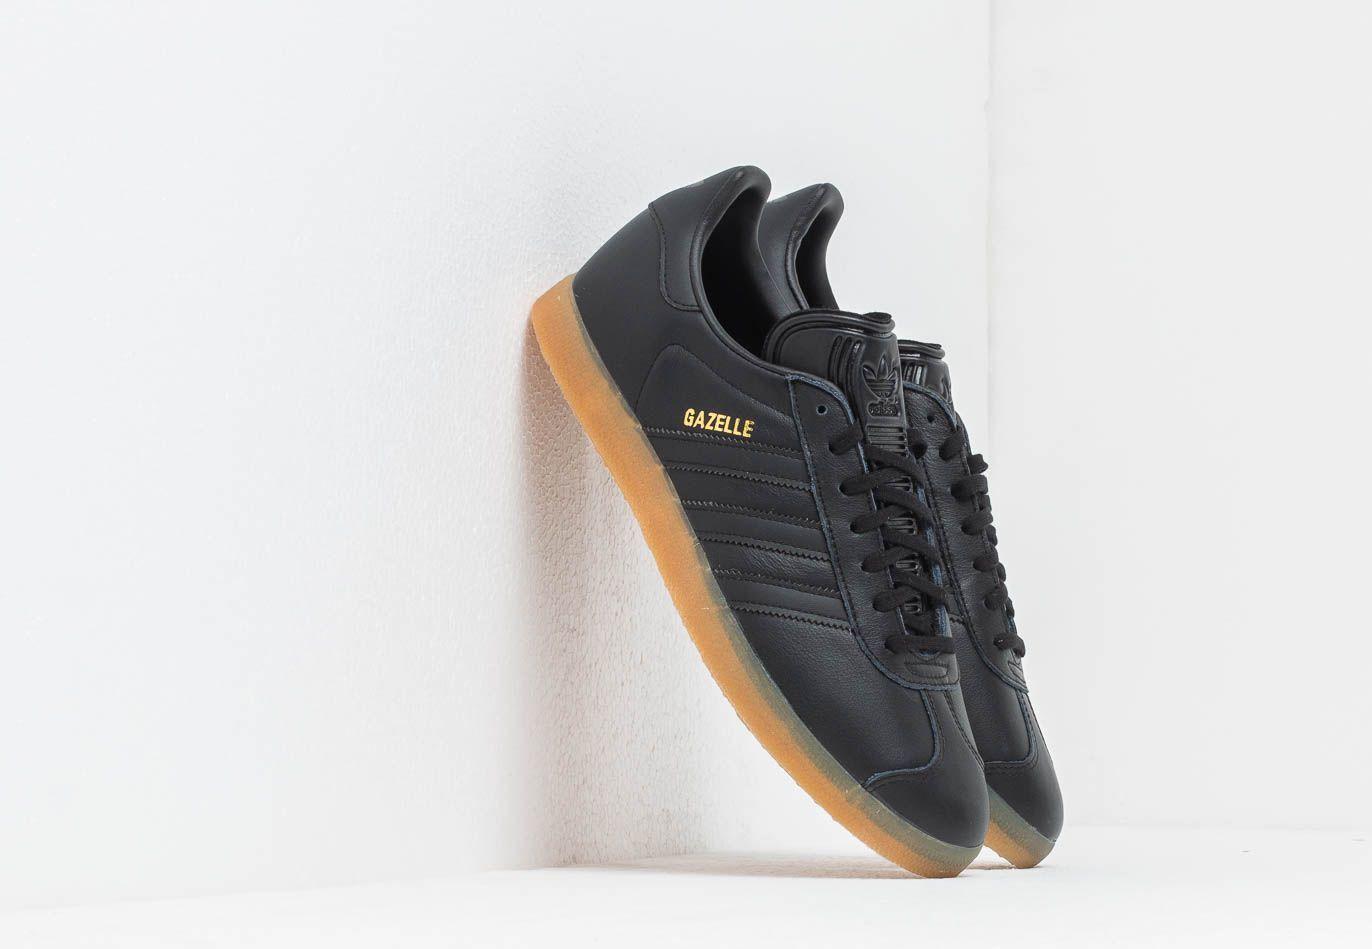 Adidas Gazelle Core Black/ Core Black/ Gum